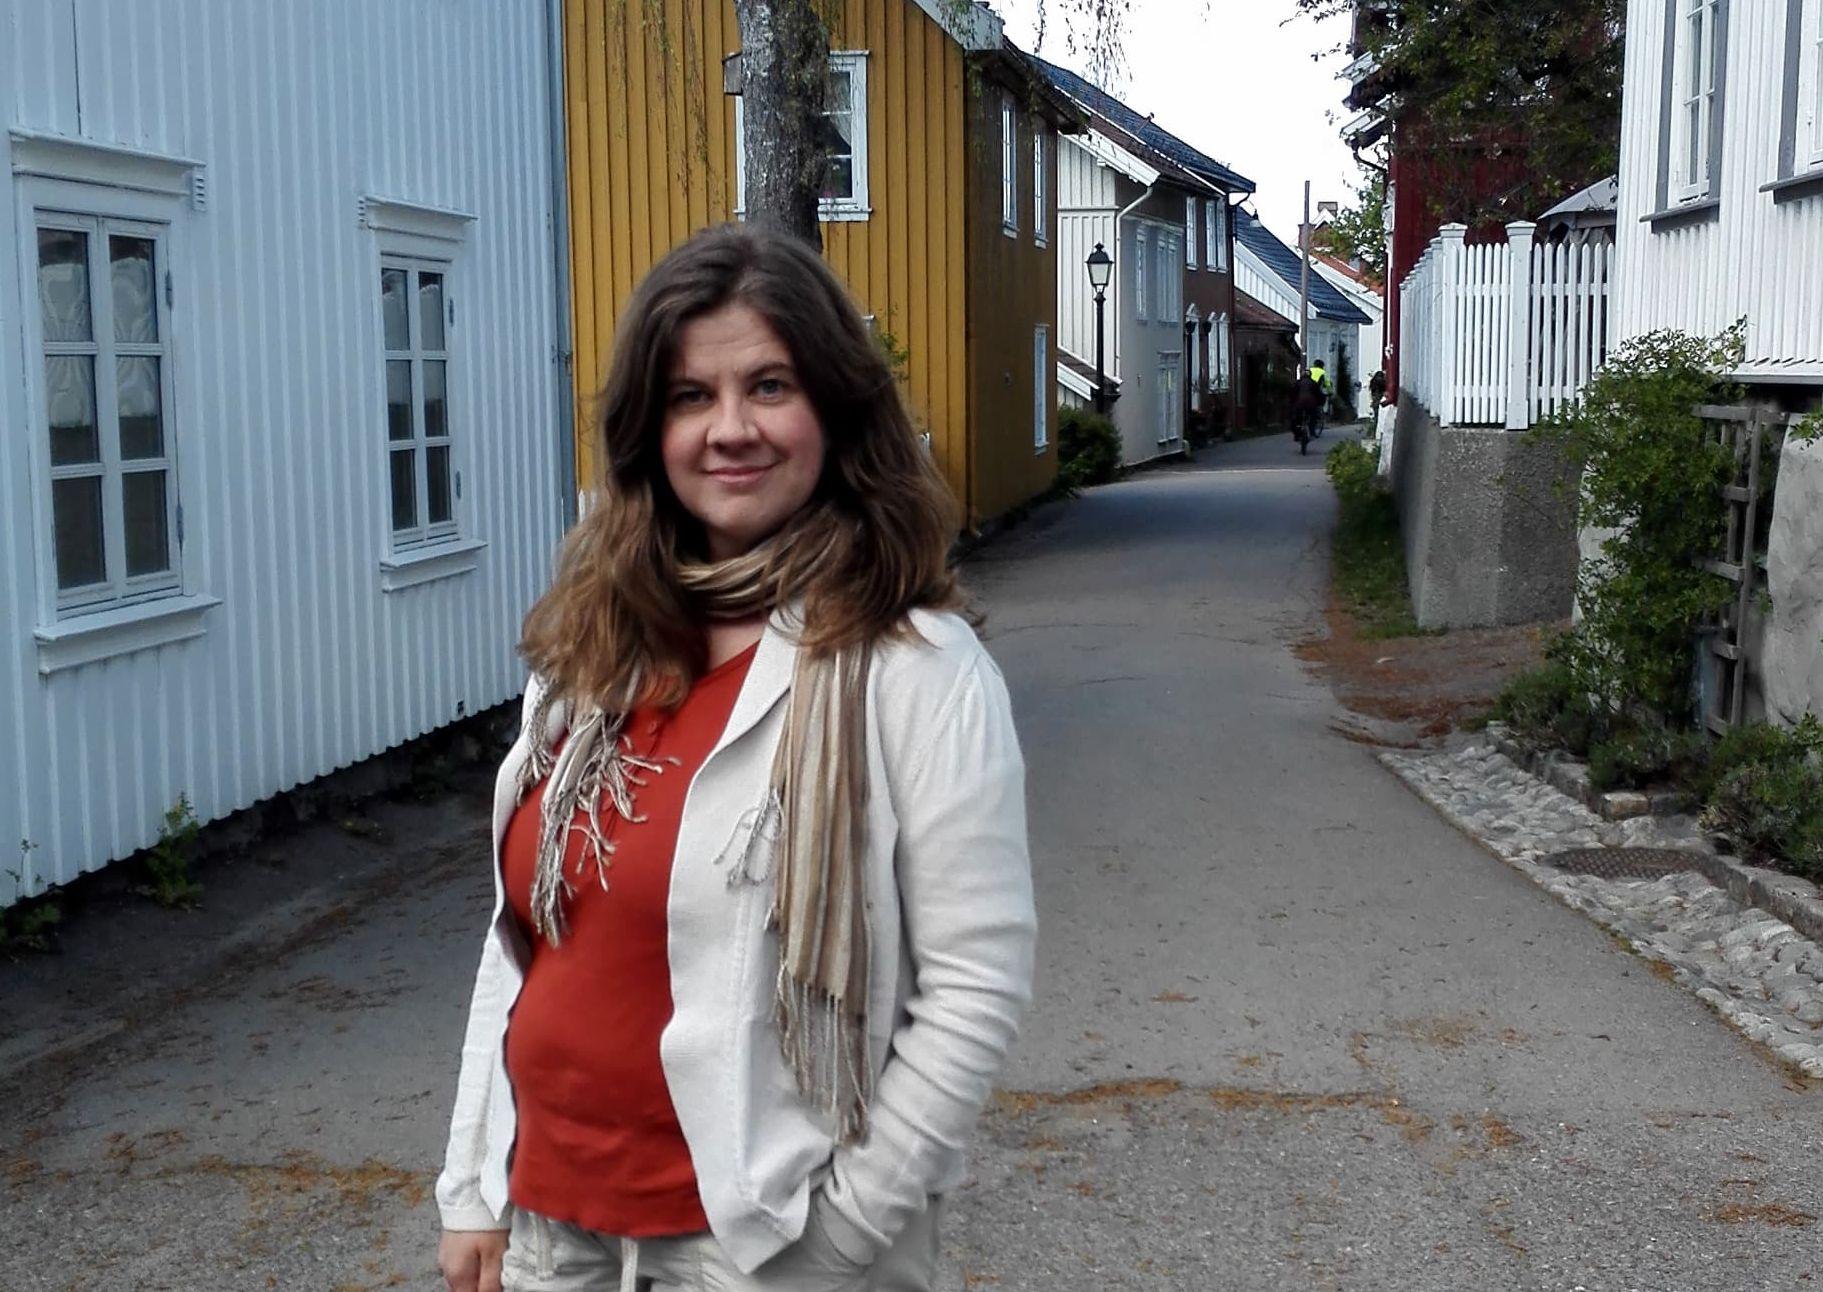 MOT LEKSER: Melinda Henriksen er psykolog, og skriver her om leksefri i skole i #stressa2019-debatten.